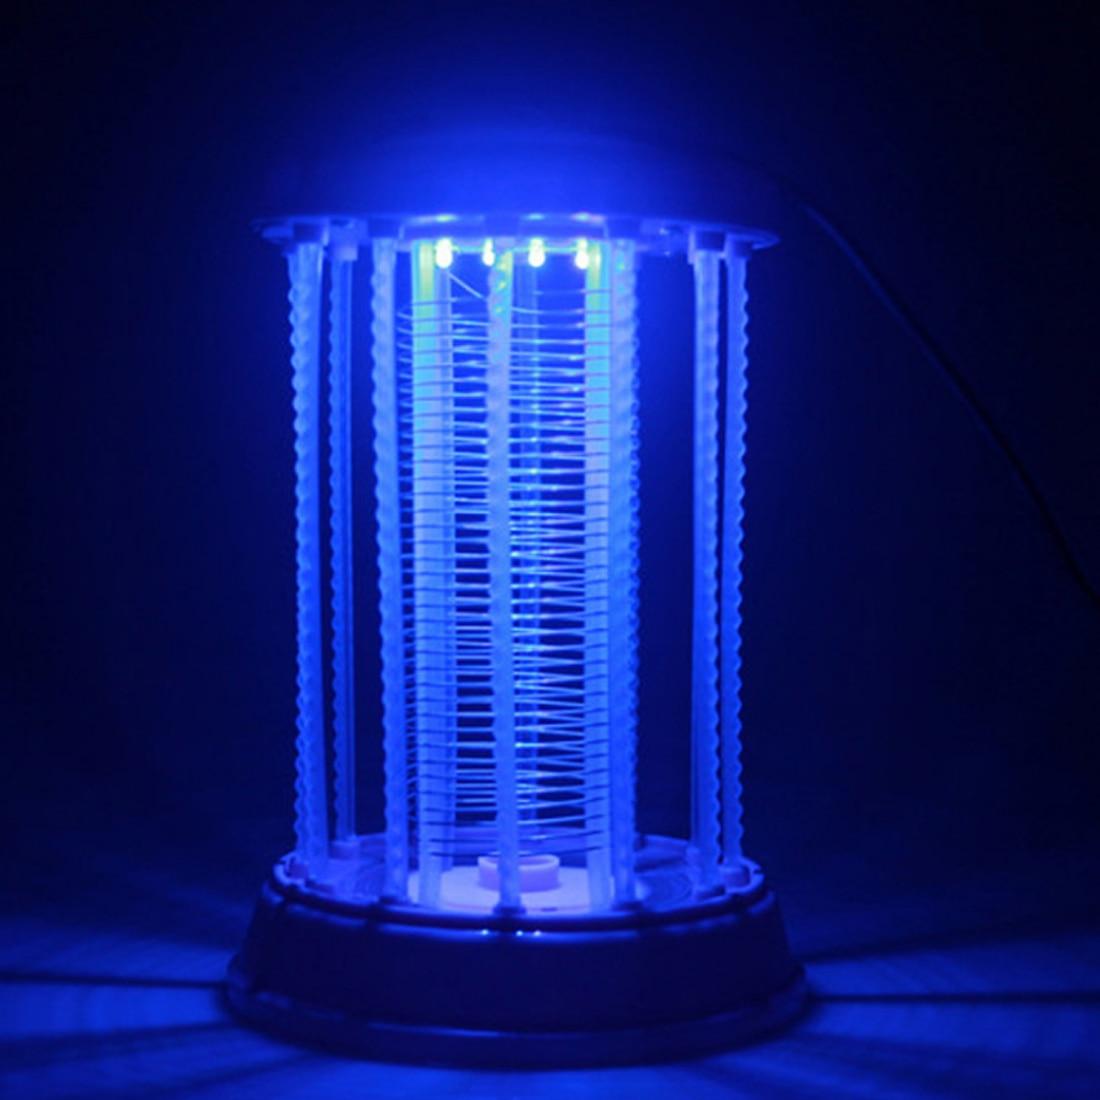 Iguardor Haushalts Restaurant Elektronische Schock Moskito Mörder Lampe LED Licht Stumm Anti-strahlung Outdoor Garten Insekten Mörder